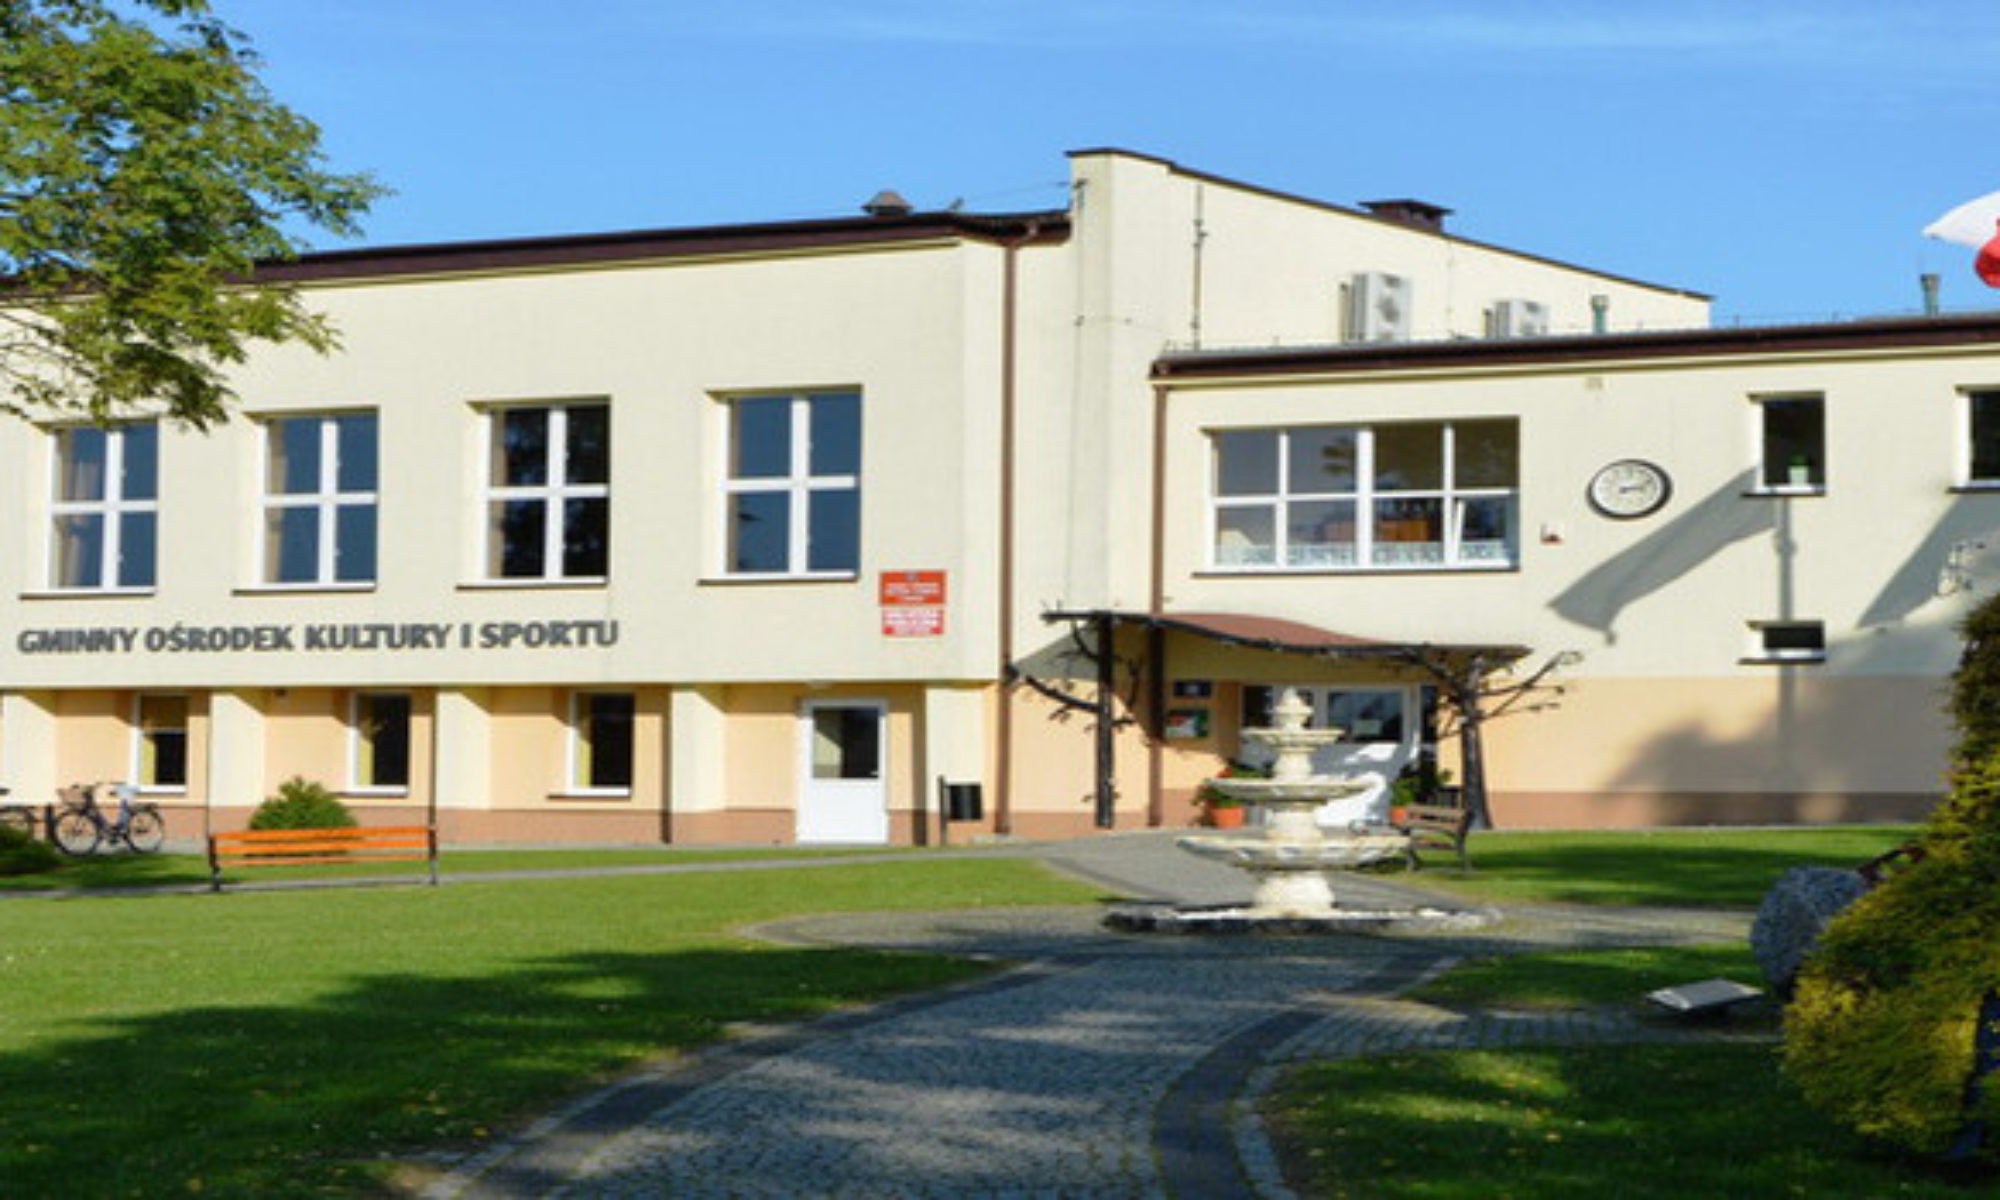 Gminny Ośrodek Kultury i Sportu w Wicku